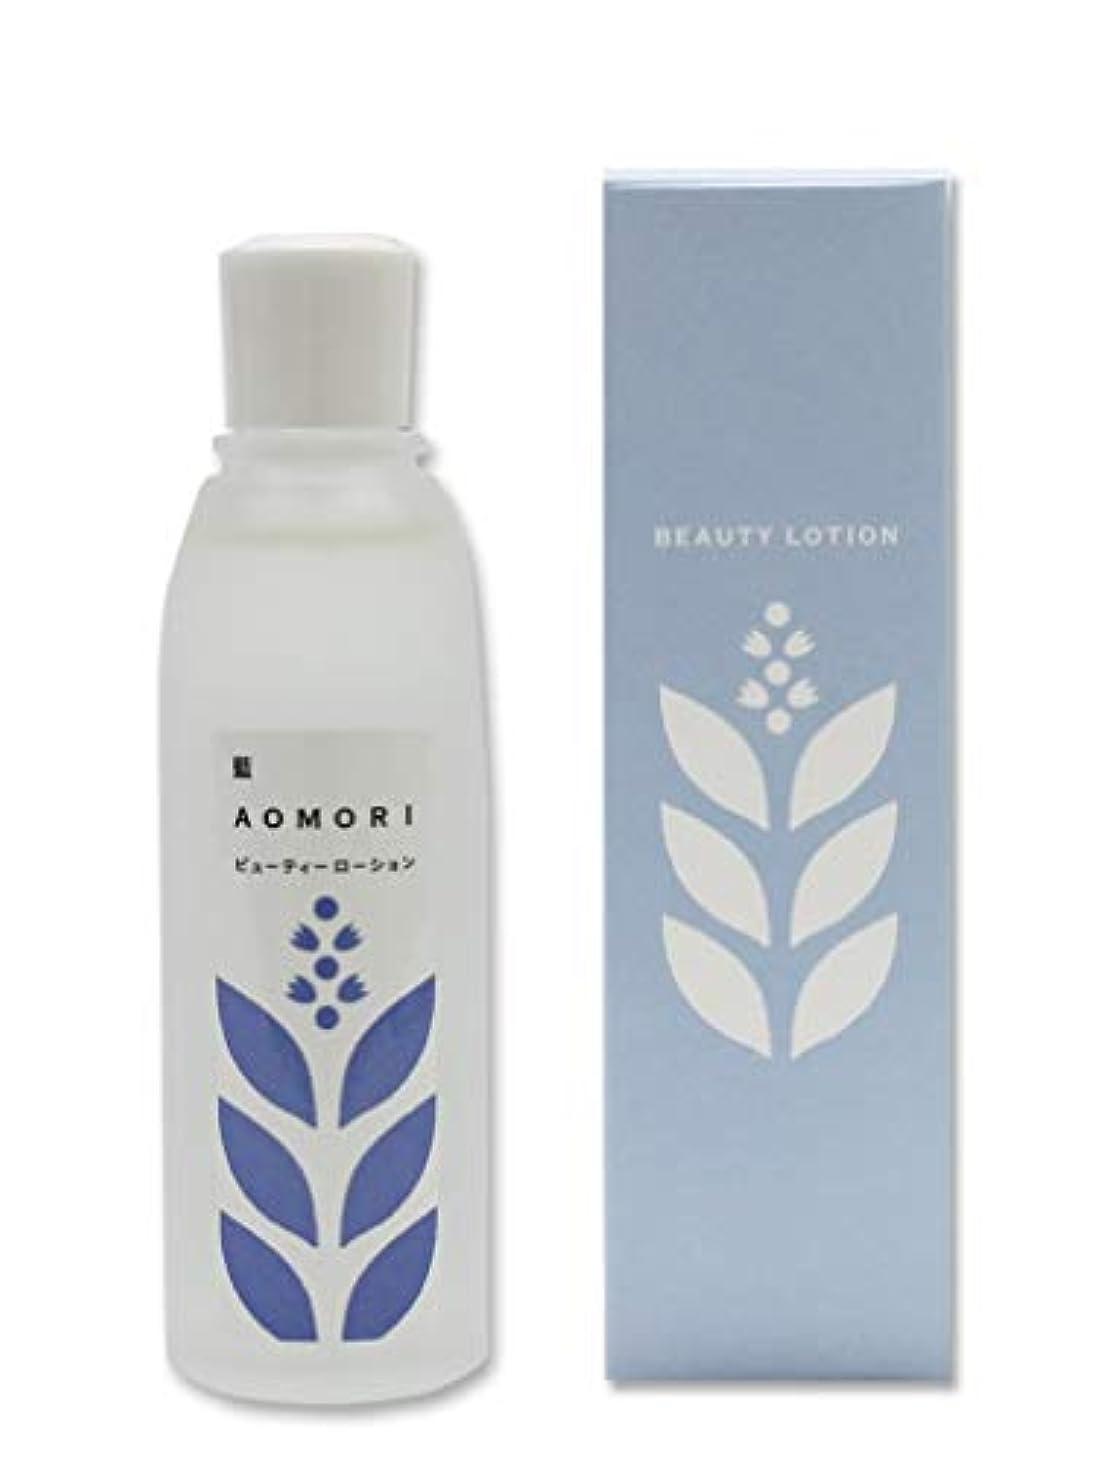 アッパー個人的に引き付ける藍 AOMORI(アイ アオモリ) ビューティローション 化粧水 120ml